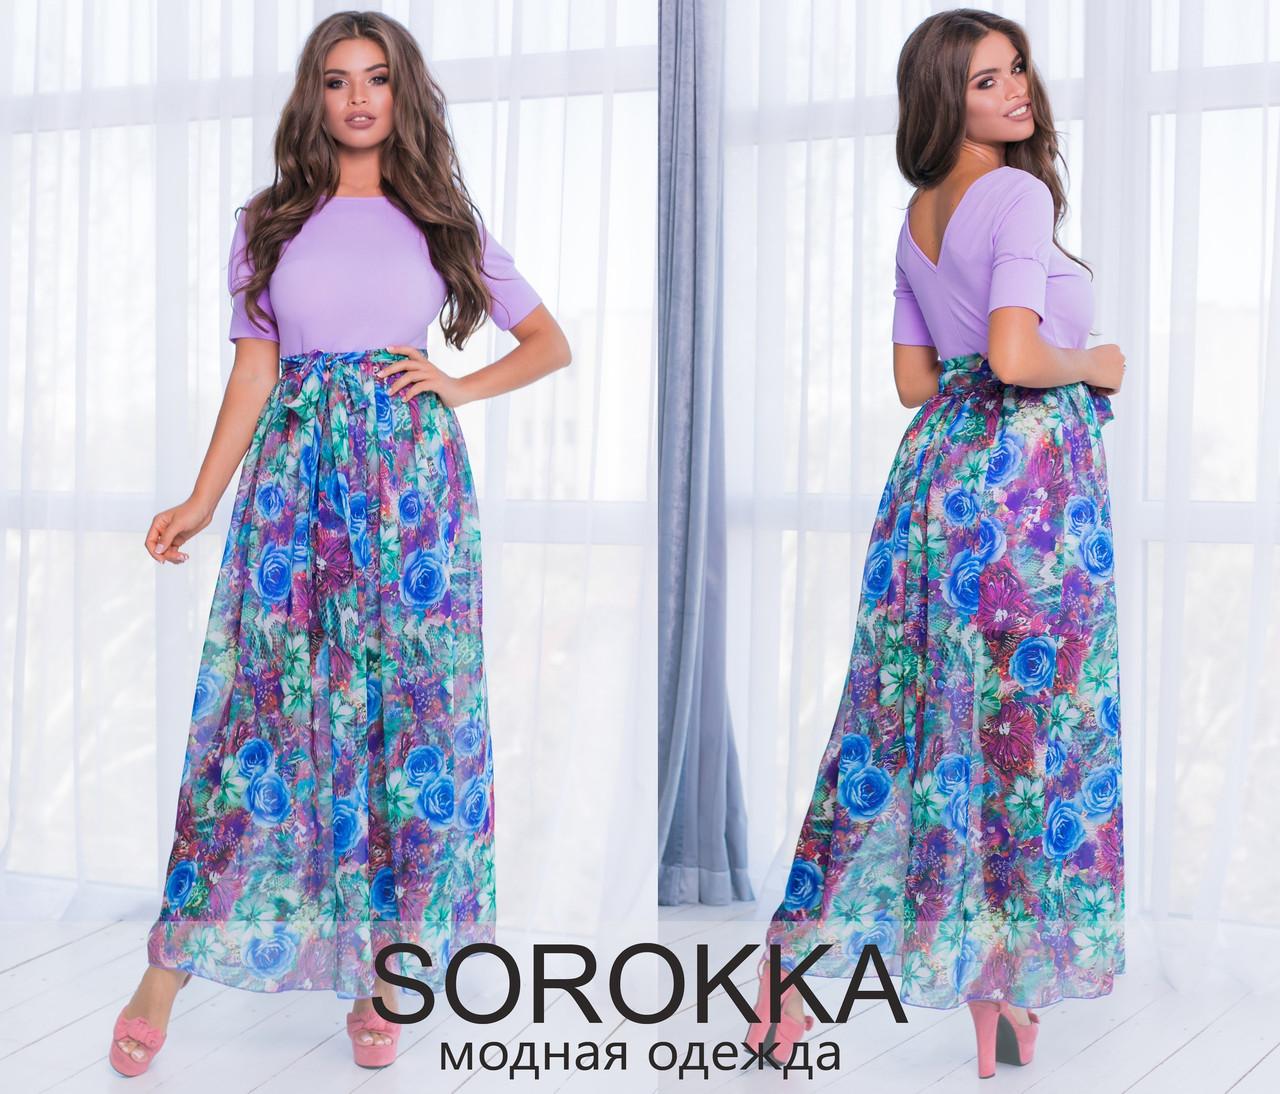 c35f689785b979d Длинное летнее платье с шифоном. Лаванда, 3 цвета. - ВРЕМЯ МОДЫ в Одессе